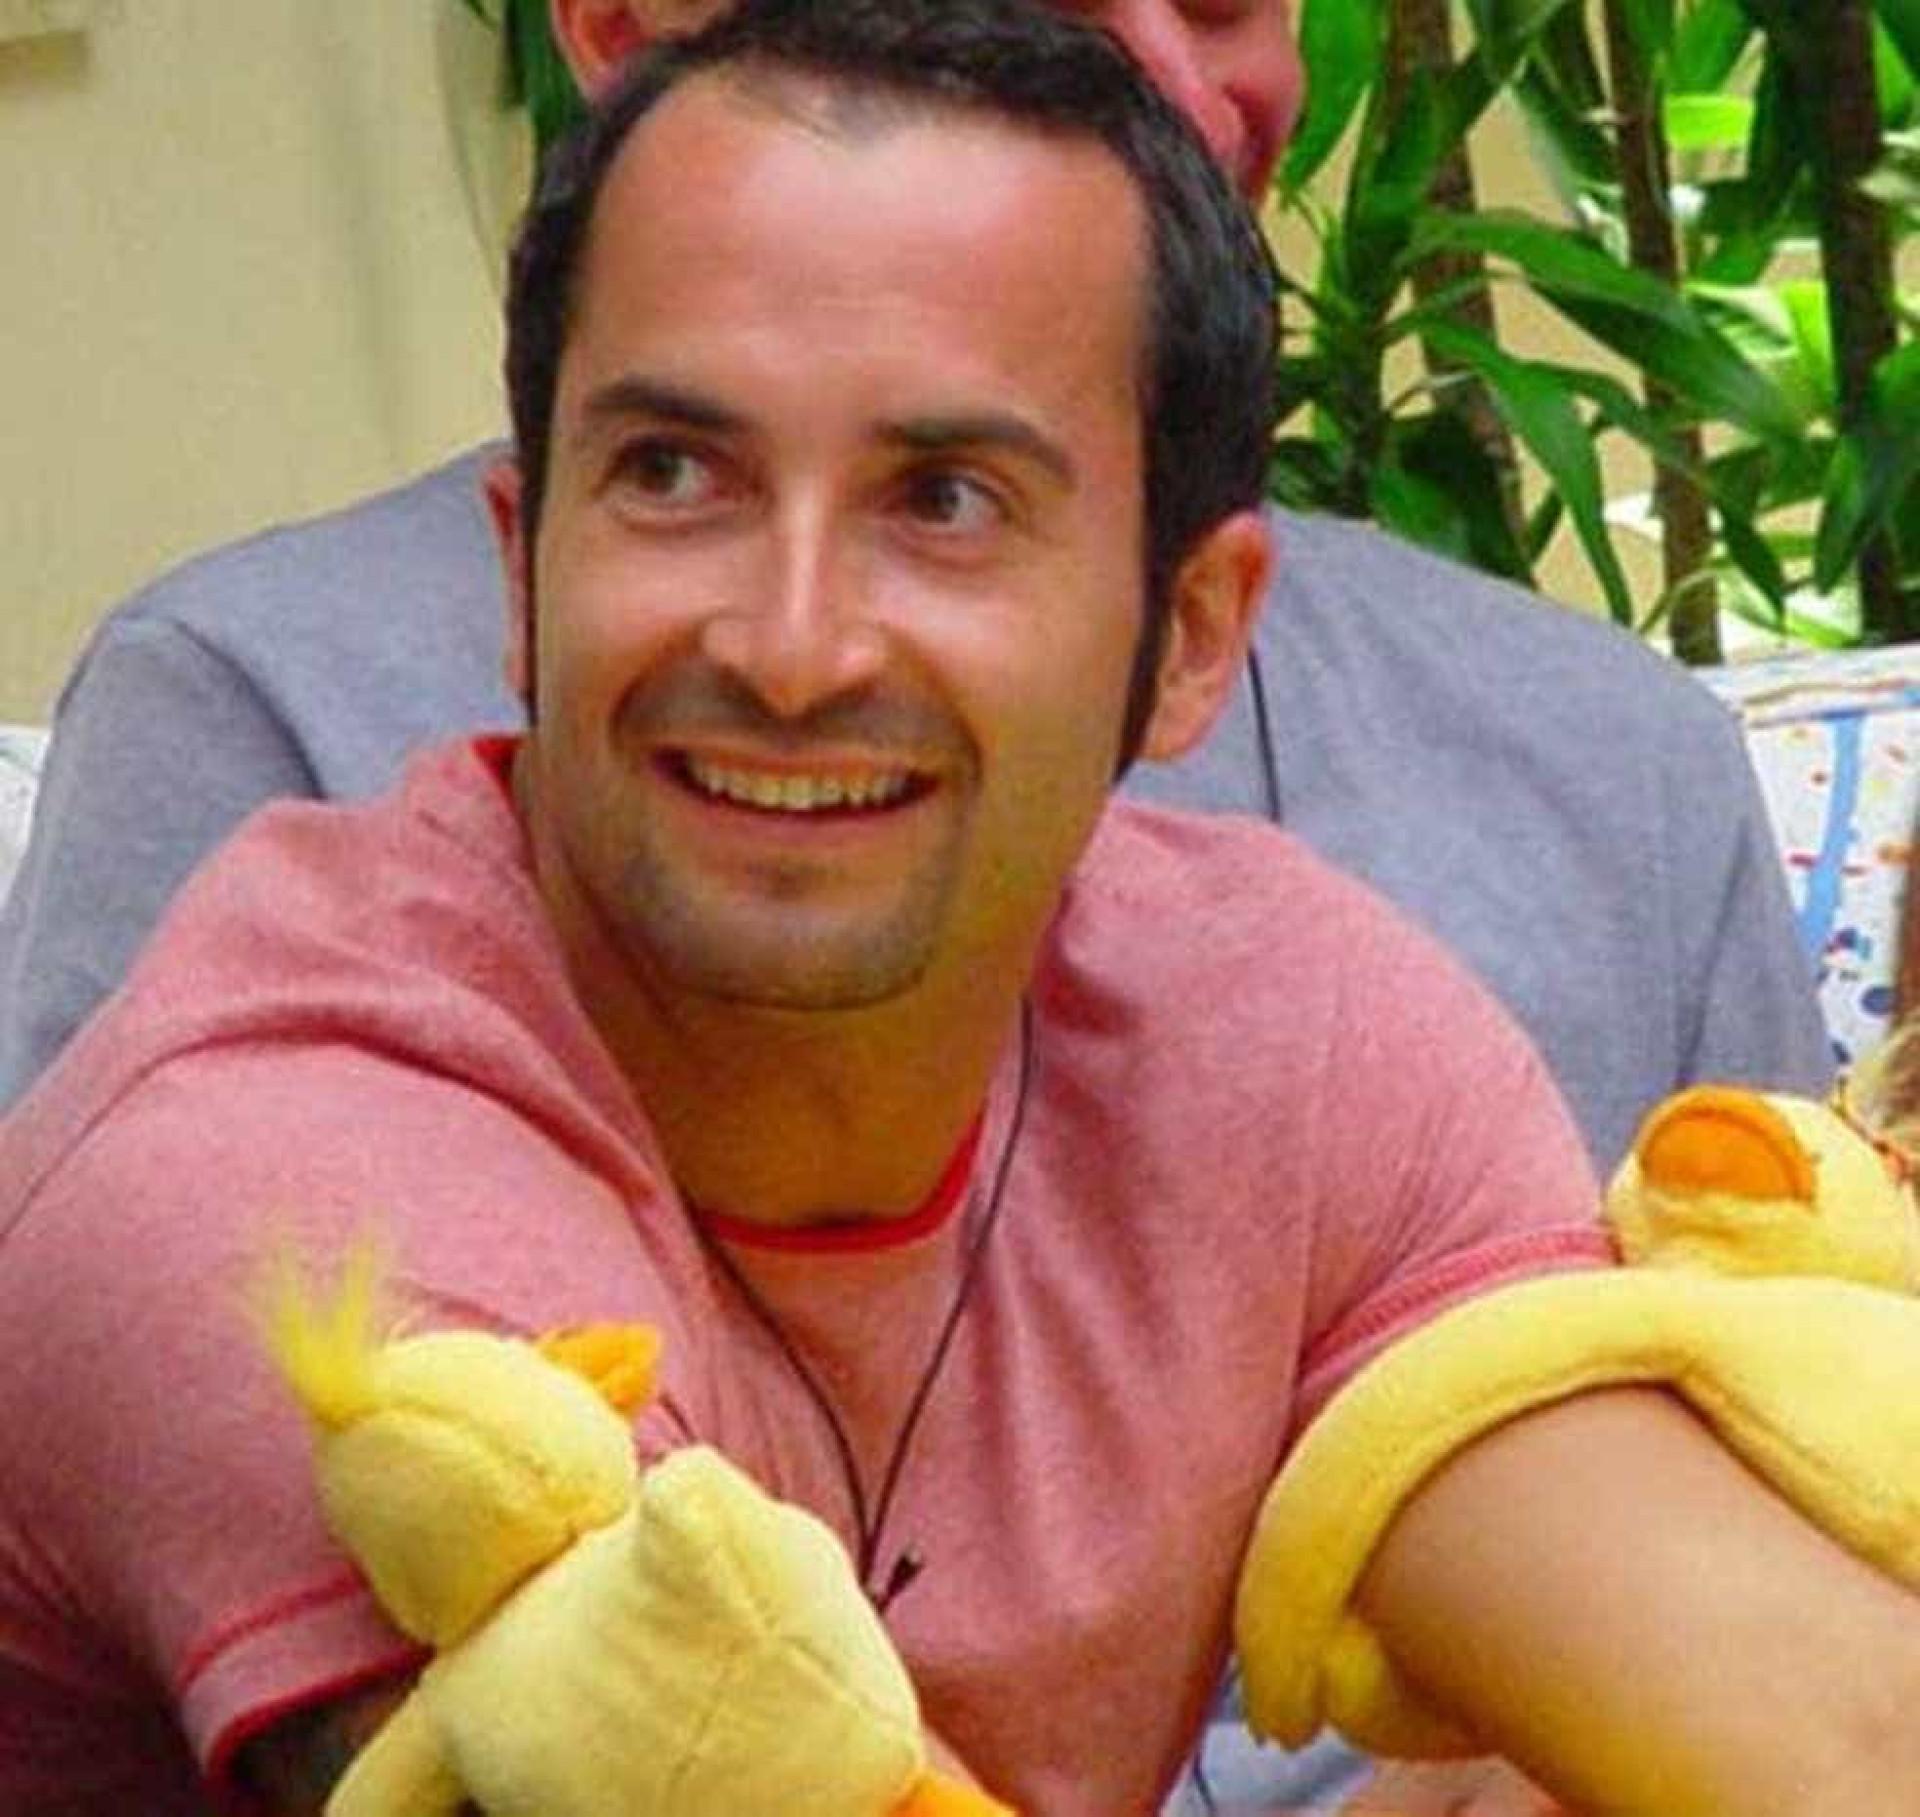 Buba, Nonô e André: relembre os BBB's que já morreram